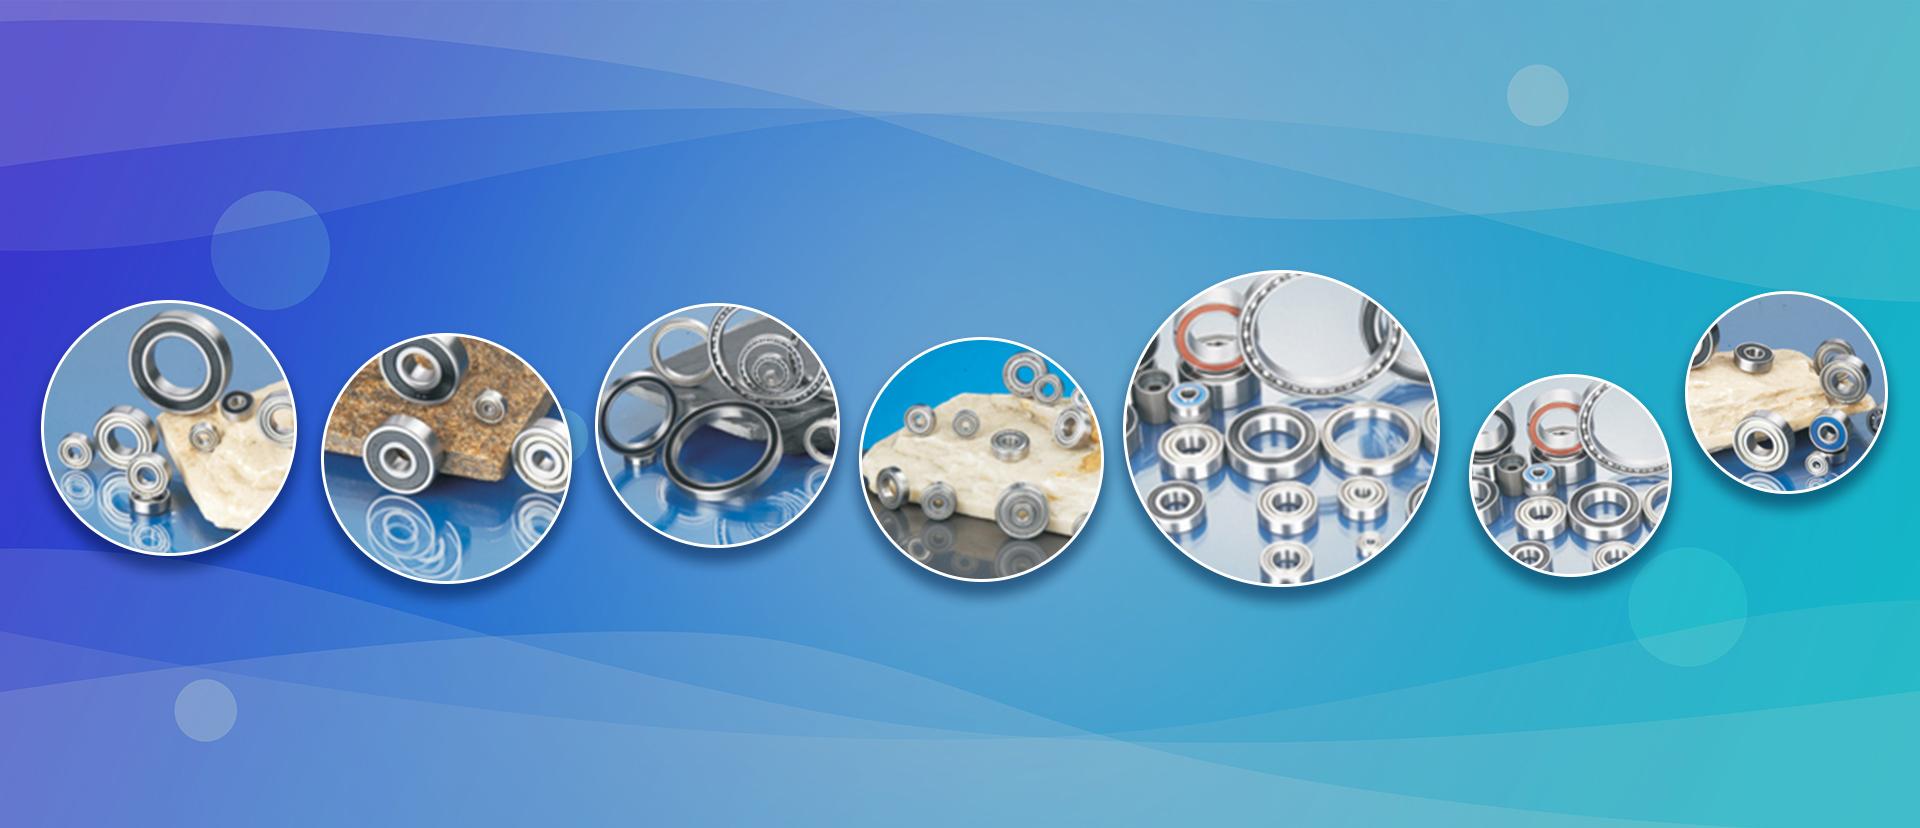 最可靠的微型轴承供应商选择